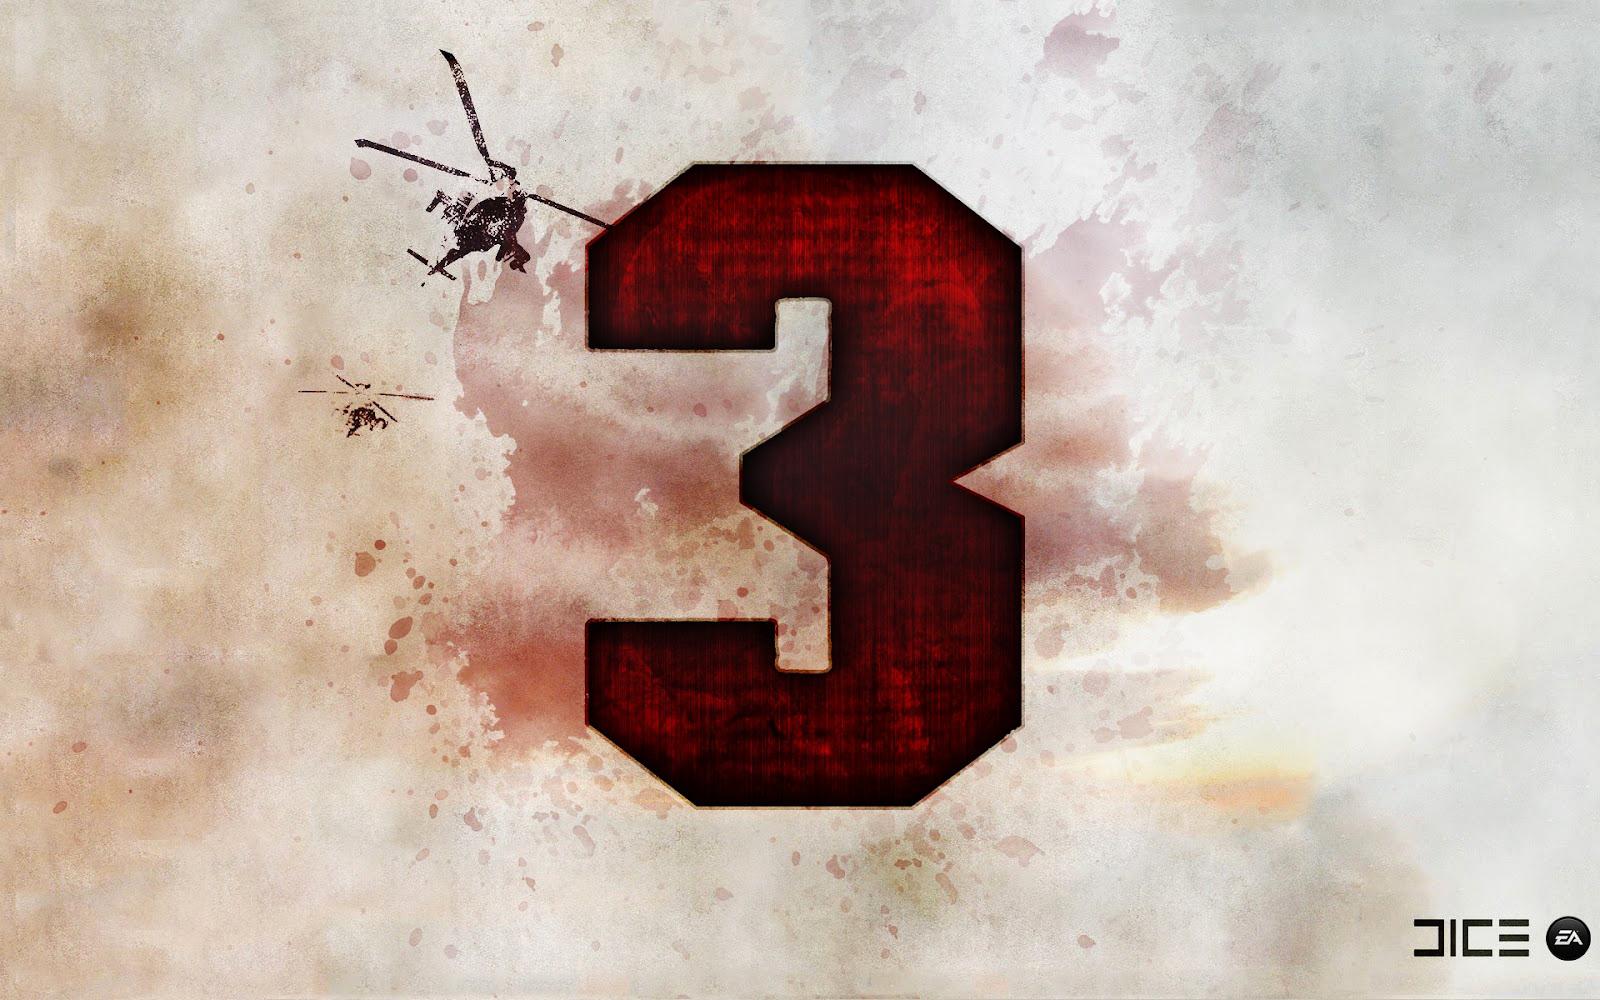 http://4.bp.blogspot.com/-cIcyNhyu9H4/UKt1khfFXVI/AAAAAAAAGQg/uBdZ7BaWpHc/s1600/Battlefield-3-Game-Helicopters-Graphic-Design-HD-Wallpaper_Vvallpaper.Net.jpg